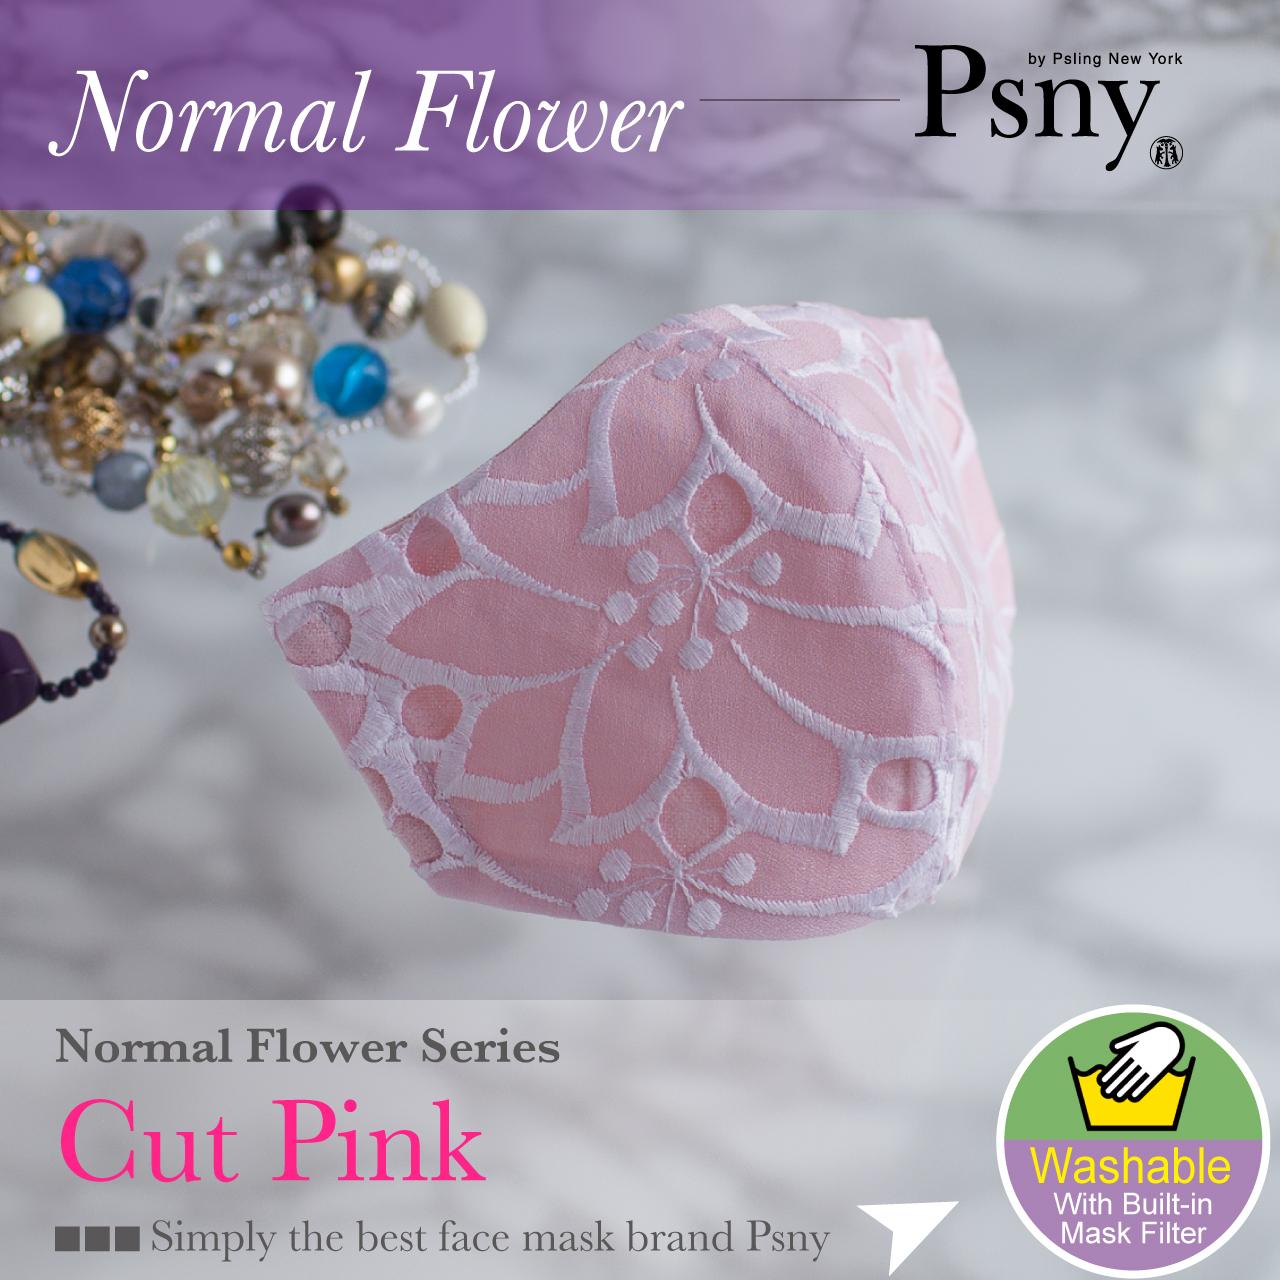 PSNY レース フラワーカット・ピンク 花粉 黄砂 不織布フィルター入り 立体 大人用 マスク 送料無料 FR11